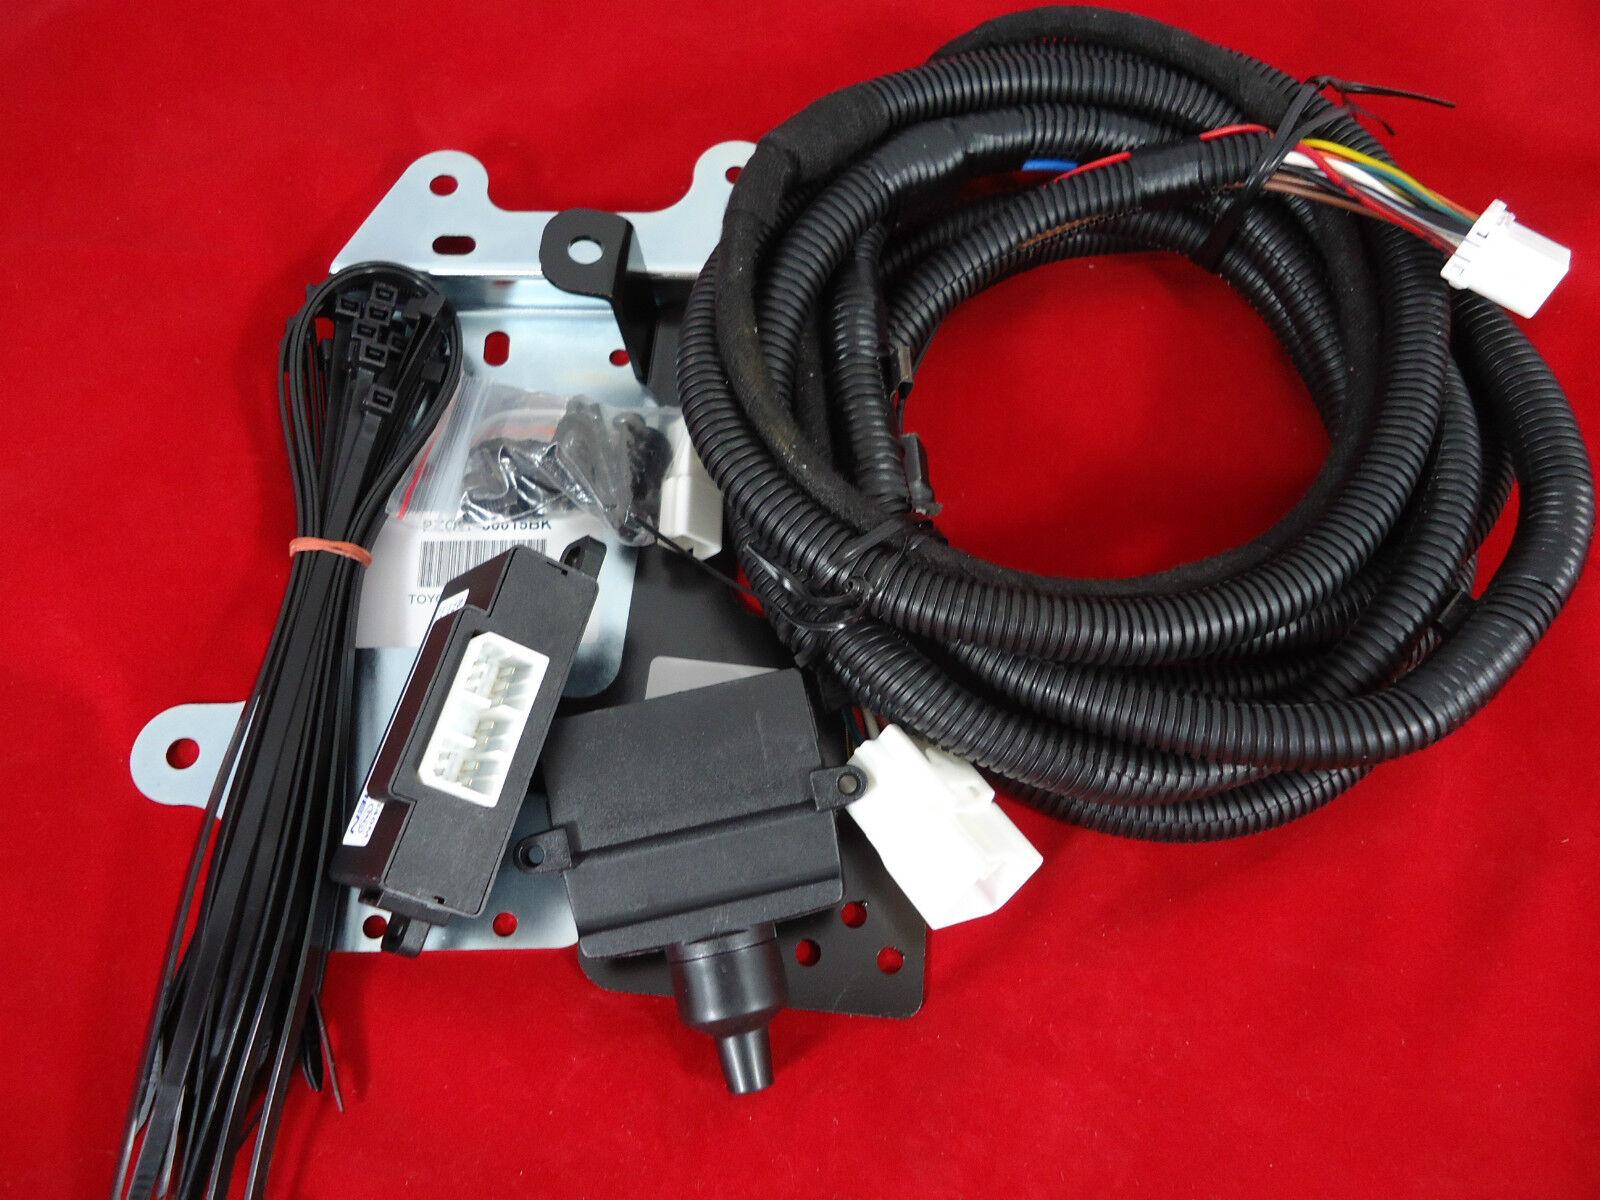 Pin Trailer Plug Wiring Diagram Besides 7 Pin Trailer Plug Wiring